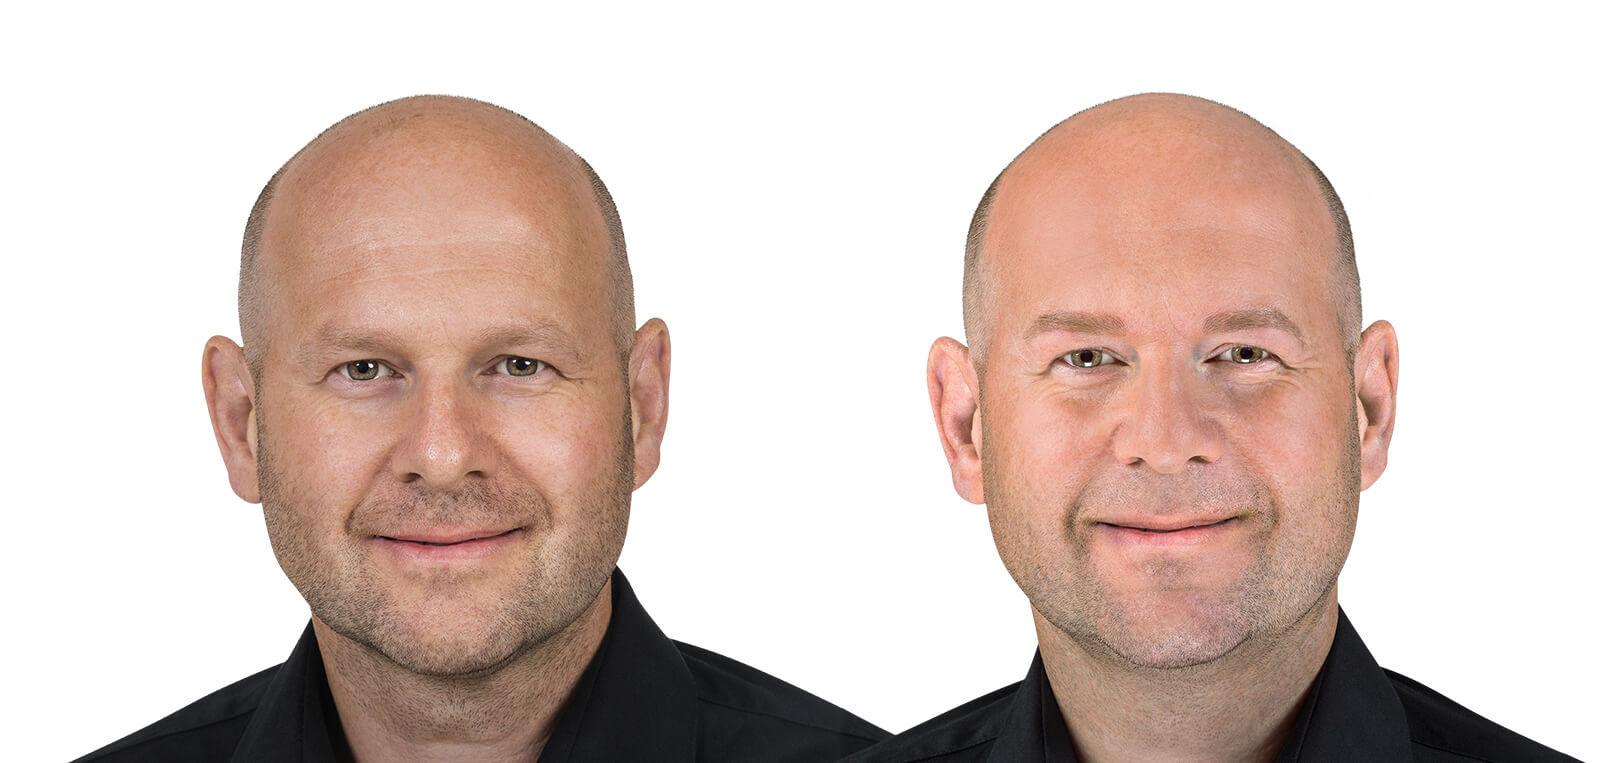 Permanent Make-Up Herren vorher/nachher komplett 02 | Der Jungbrunnen Aichach